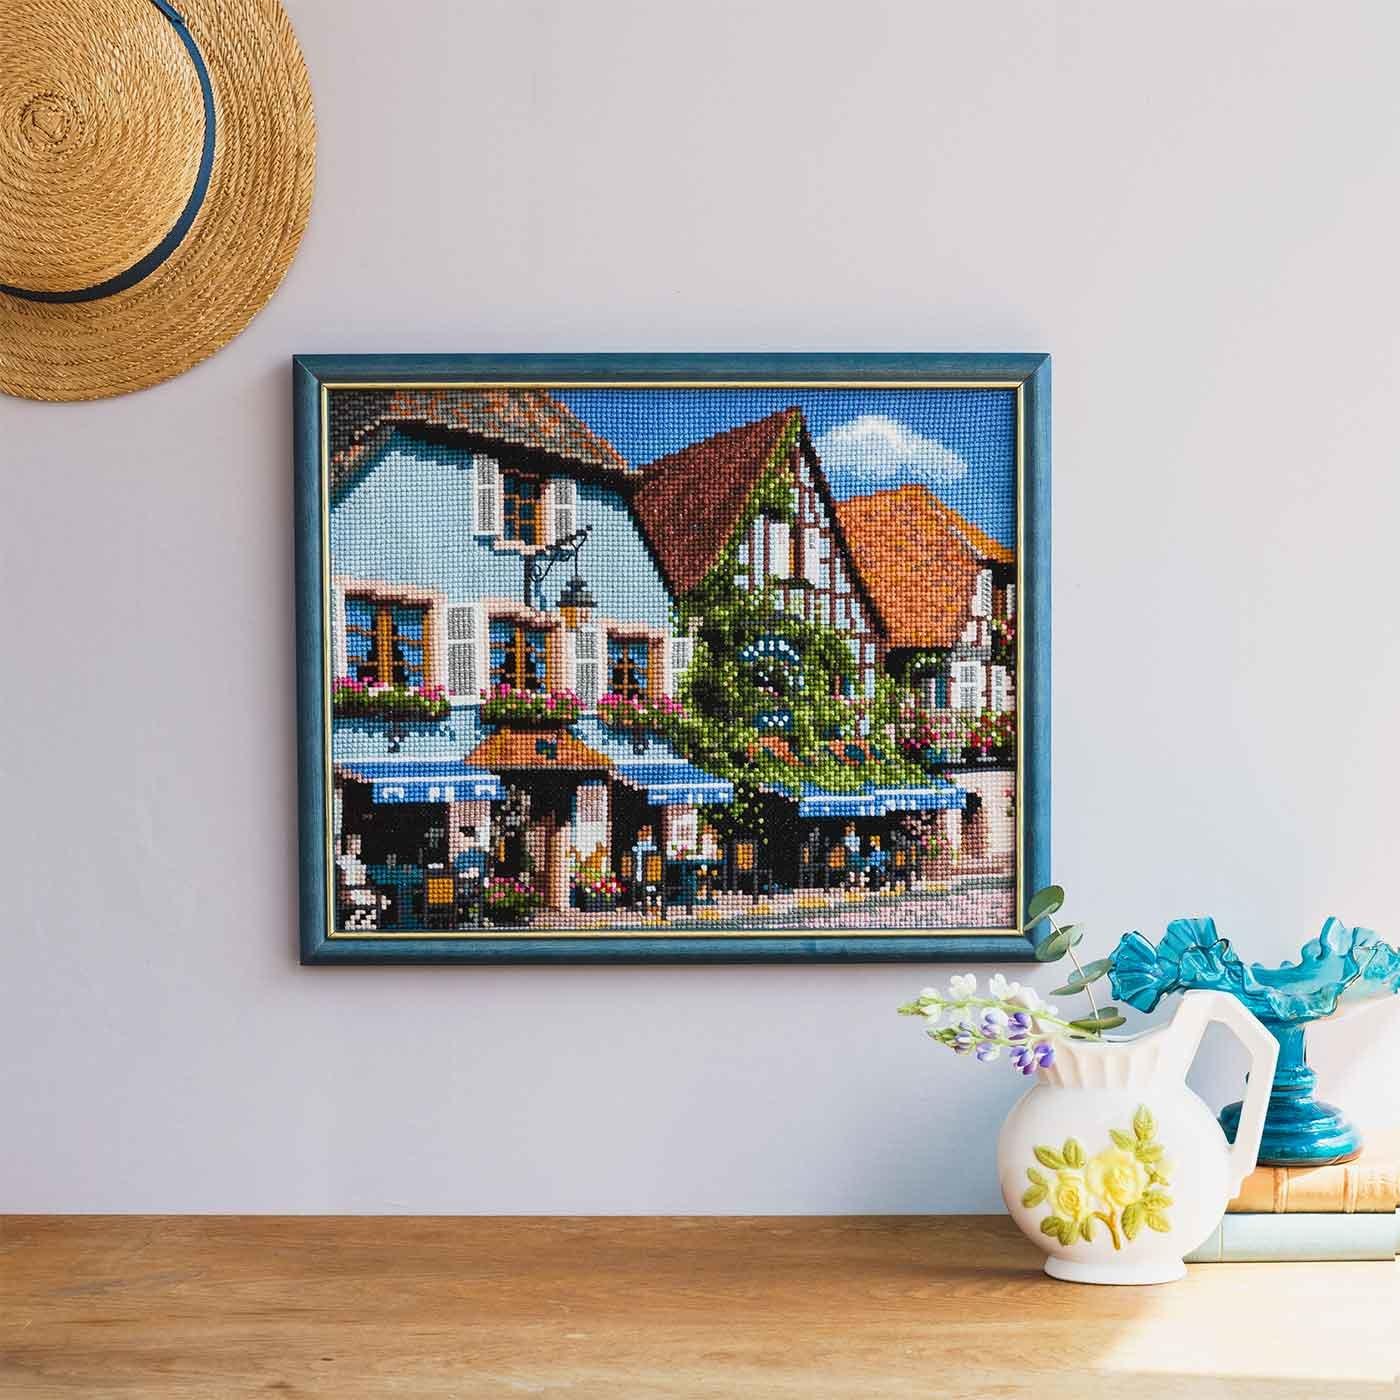 絵本のように美しい フランスの風景 アルザス地方のカフェクロスステッチキット